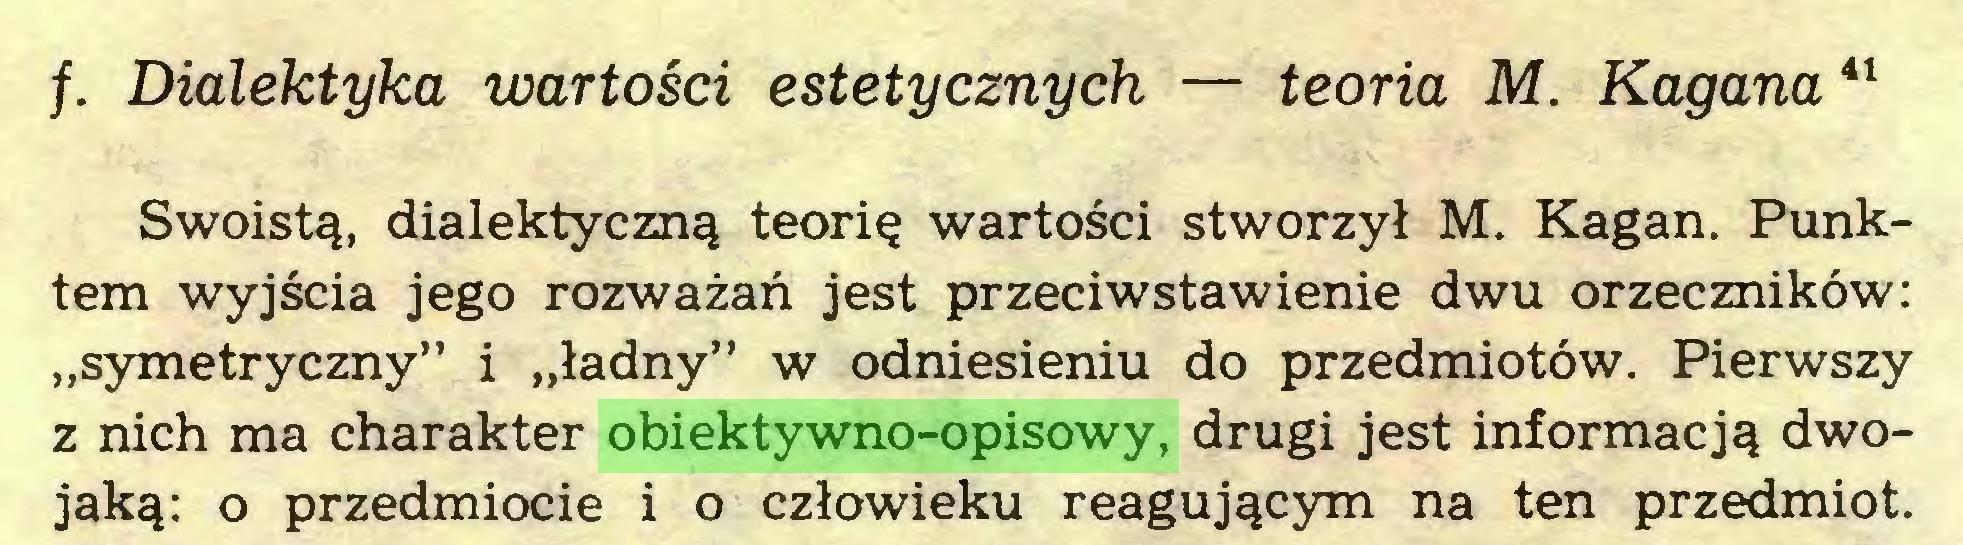 """(...) /. Dialektyka wartości estetycznych — teoria M. Kagana41 Swoistą, dialektyczną teorię wartości stworzył M. Kagan. Punktem wyjścia jego rozważań jest przeciwstawienie dwu orzeczników: """"symetryczny"""" i """"ładny"""" w odniesieniu do przedmiotów. Pierwszy z nich ma charakter obiektywno-opisowy, drugi jest informacją dwojaką: o przedmiocie i o człowieku reagującym na ten przedmiot..."""